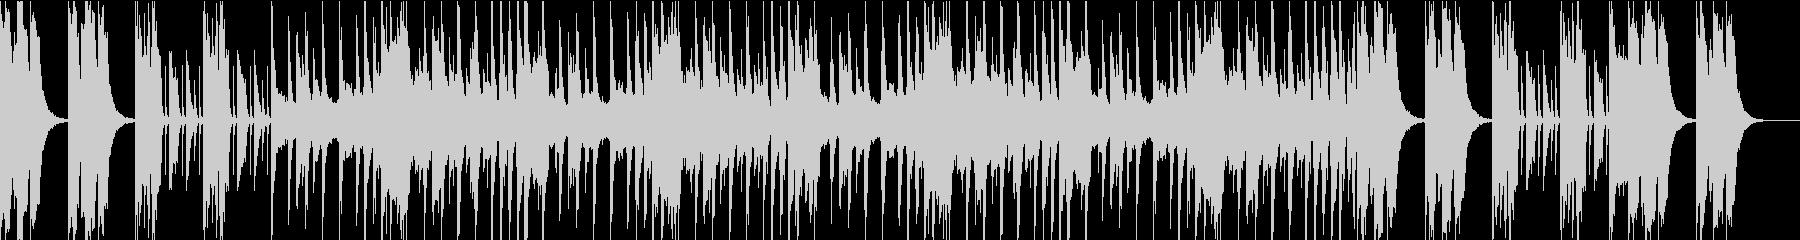 エレクトロニカルオーケストラ Aの未再生の波形